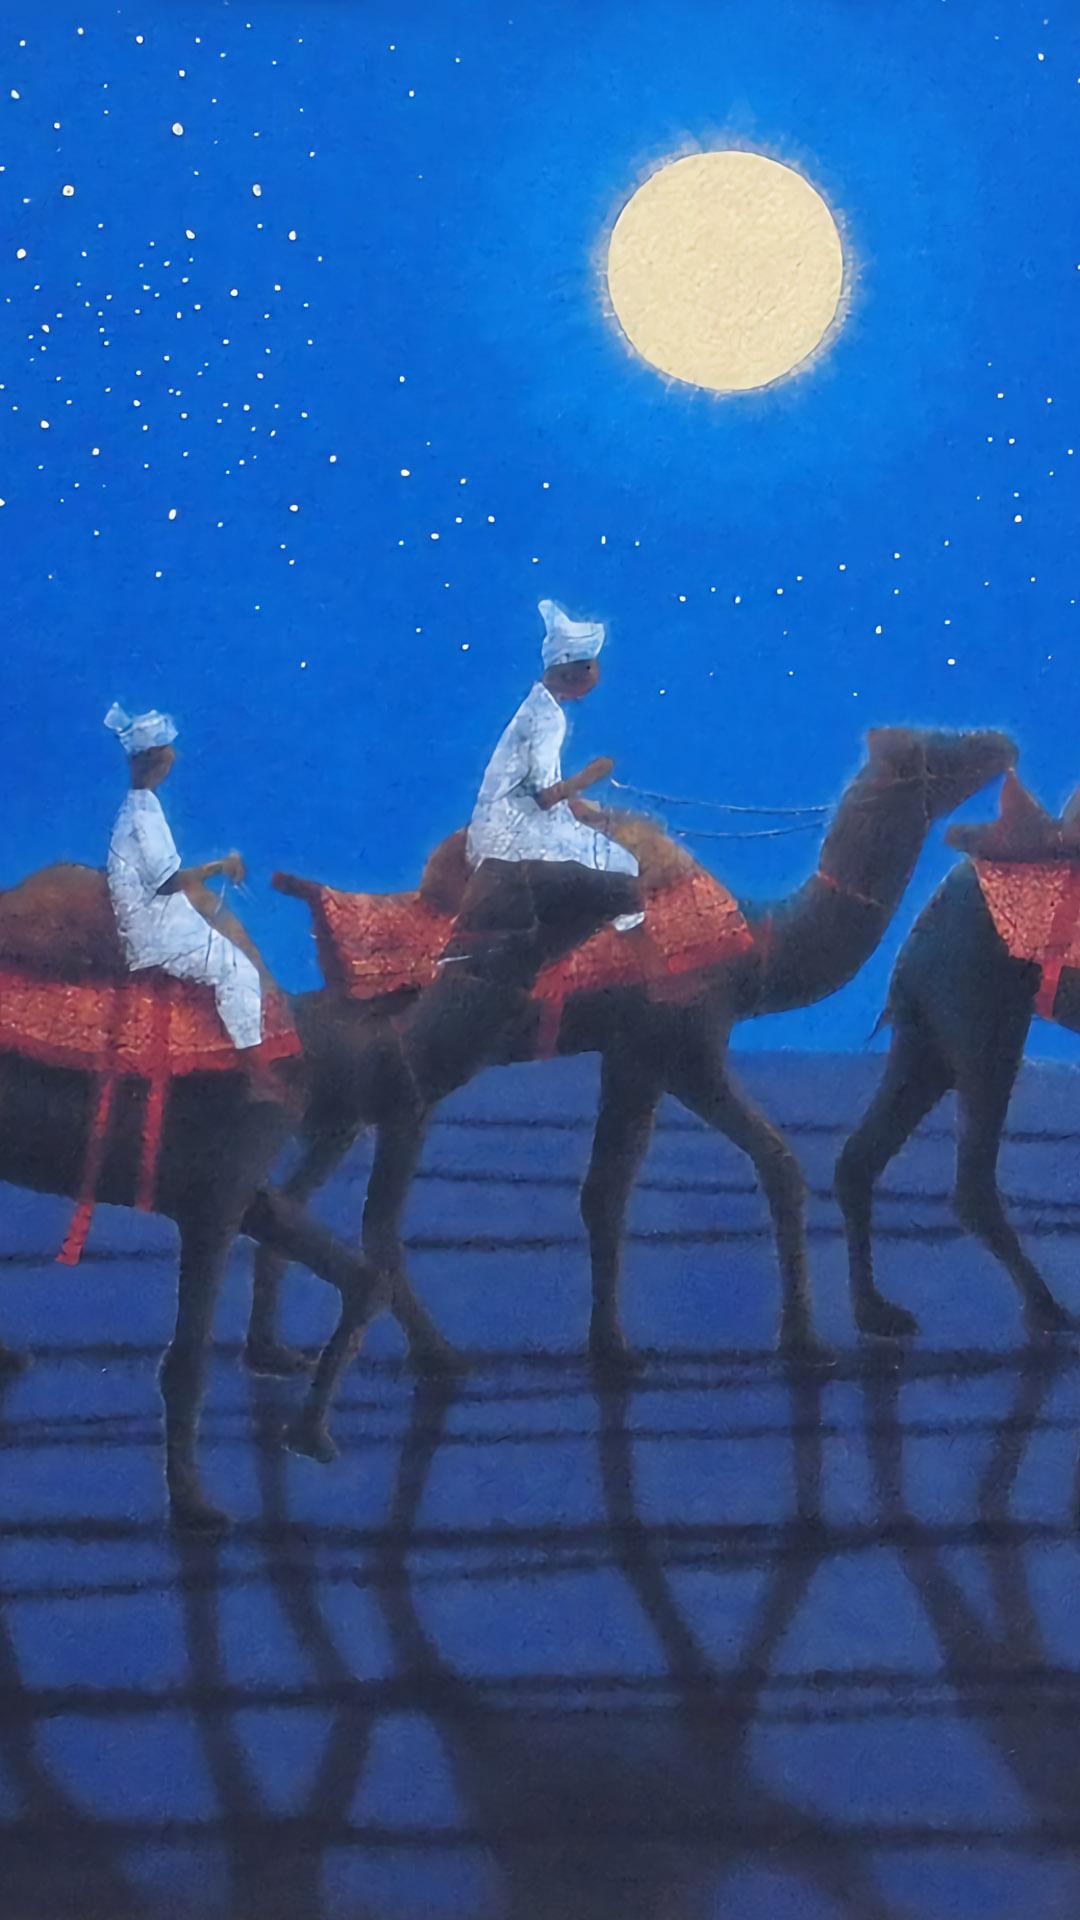 平山郁夫 シルクロードを行くキャラバン(西・月) Hirayama Ikuo - Caravan on the Silk Road 1080x1920